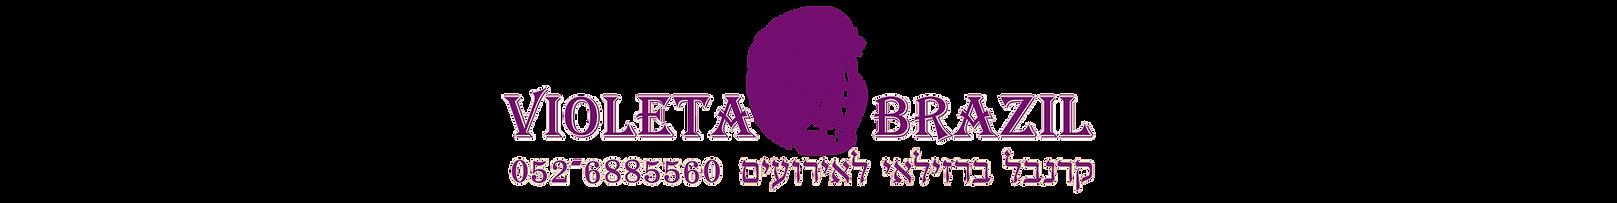 violeta_WEB_NEW.png